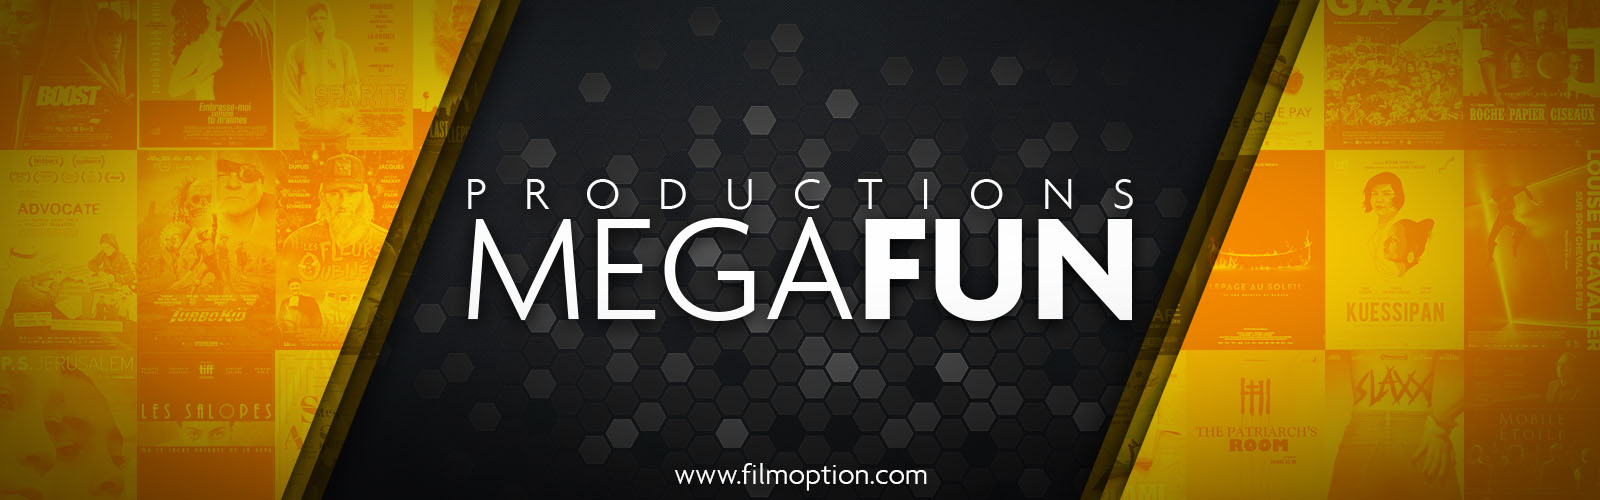 Productions Megafun